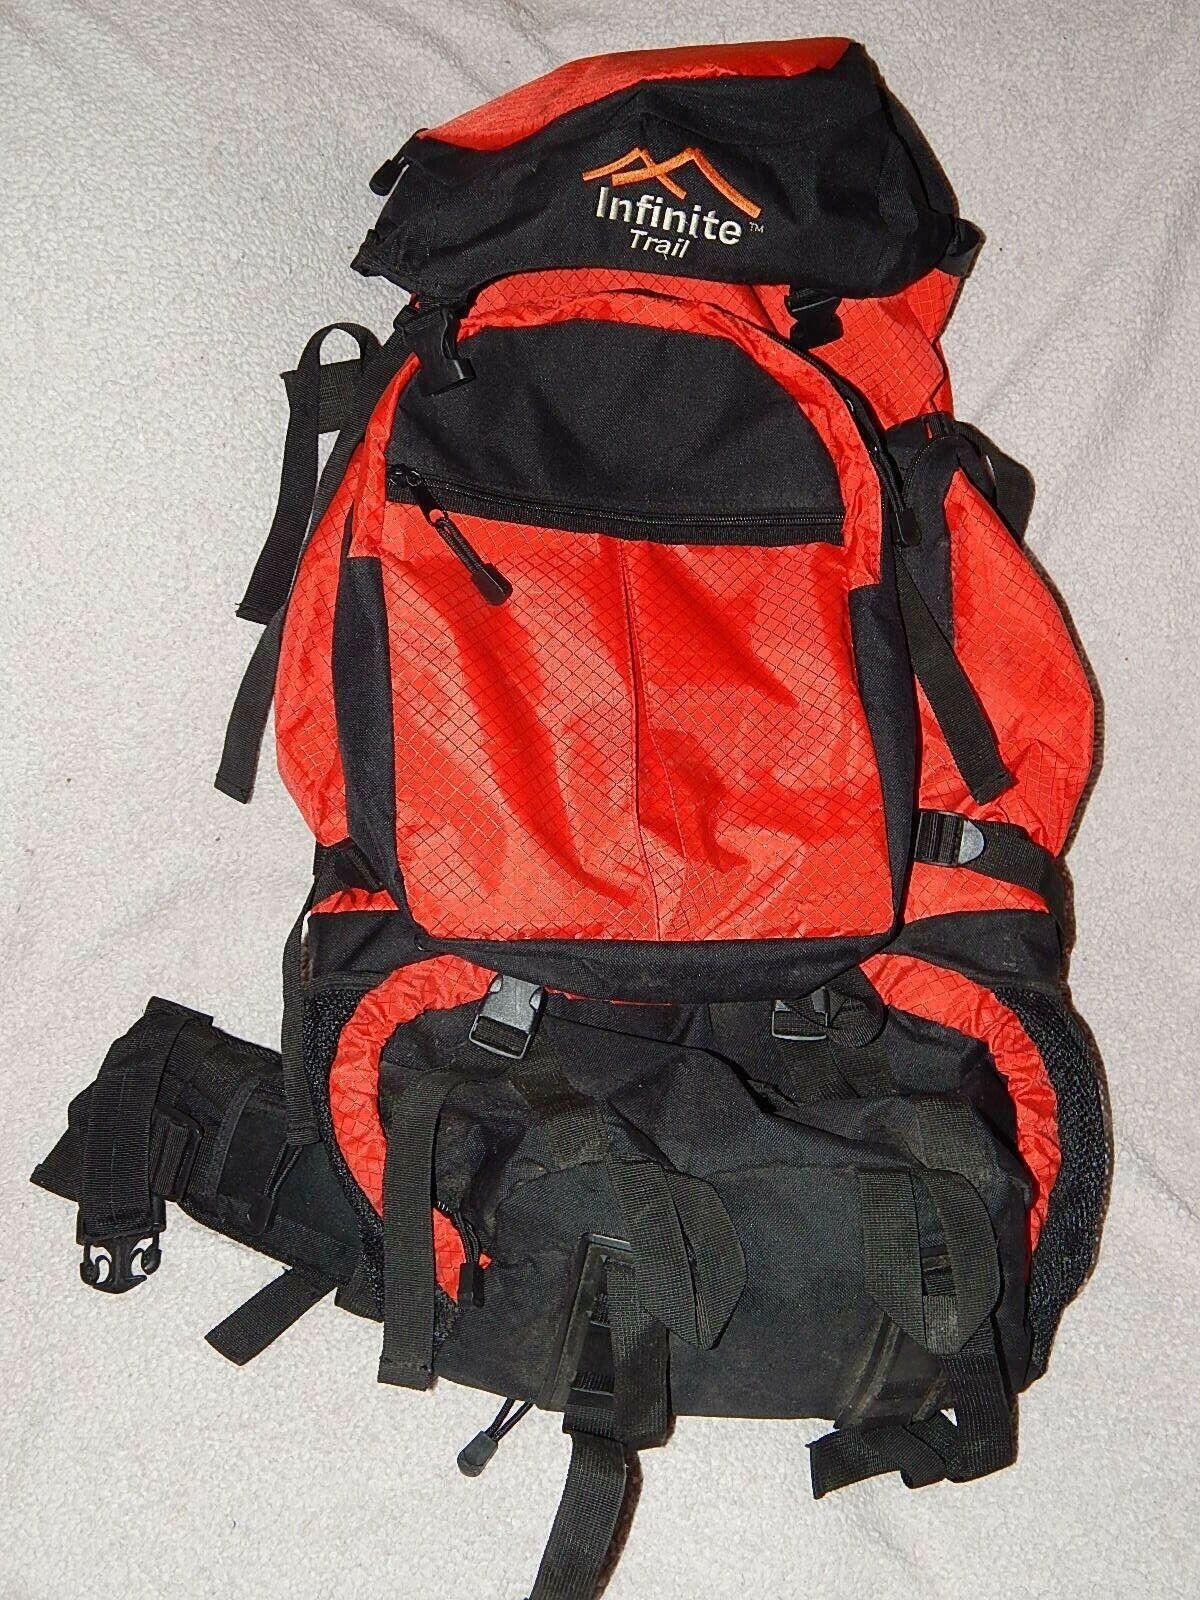 Infinite Series Internal Frame Mountaineering Backpacking Waterproof Backpack